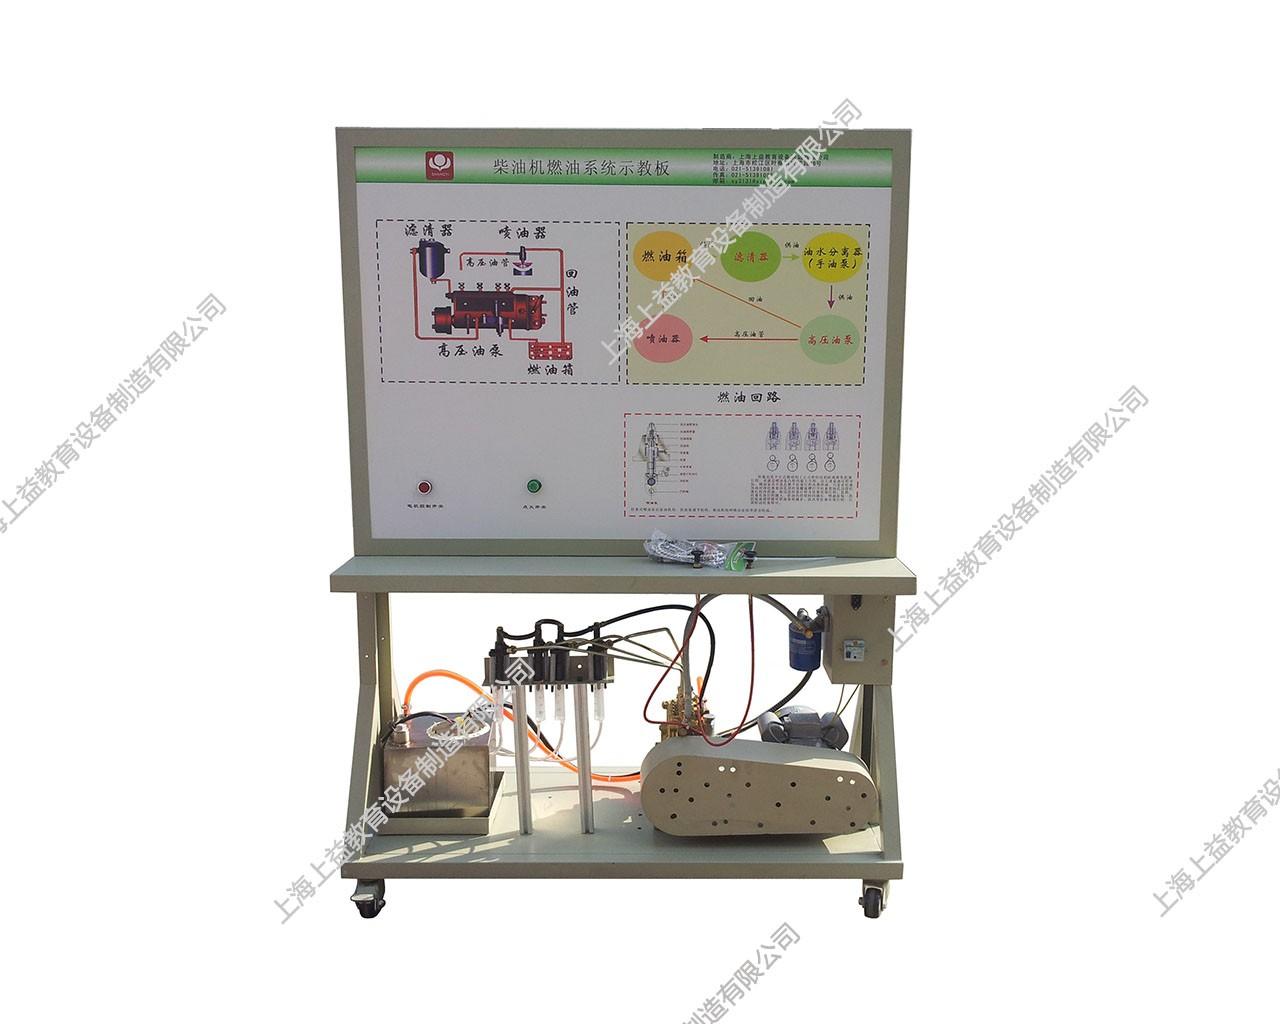 拖拉机柴油机燃料系统wwwlehu8vip台